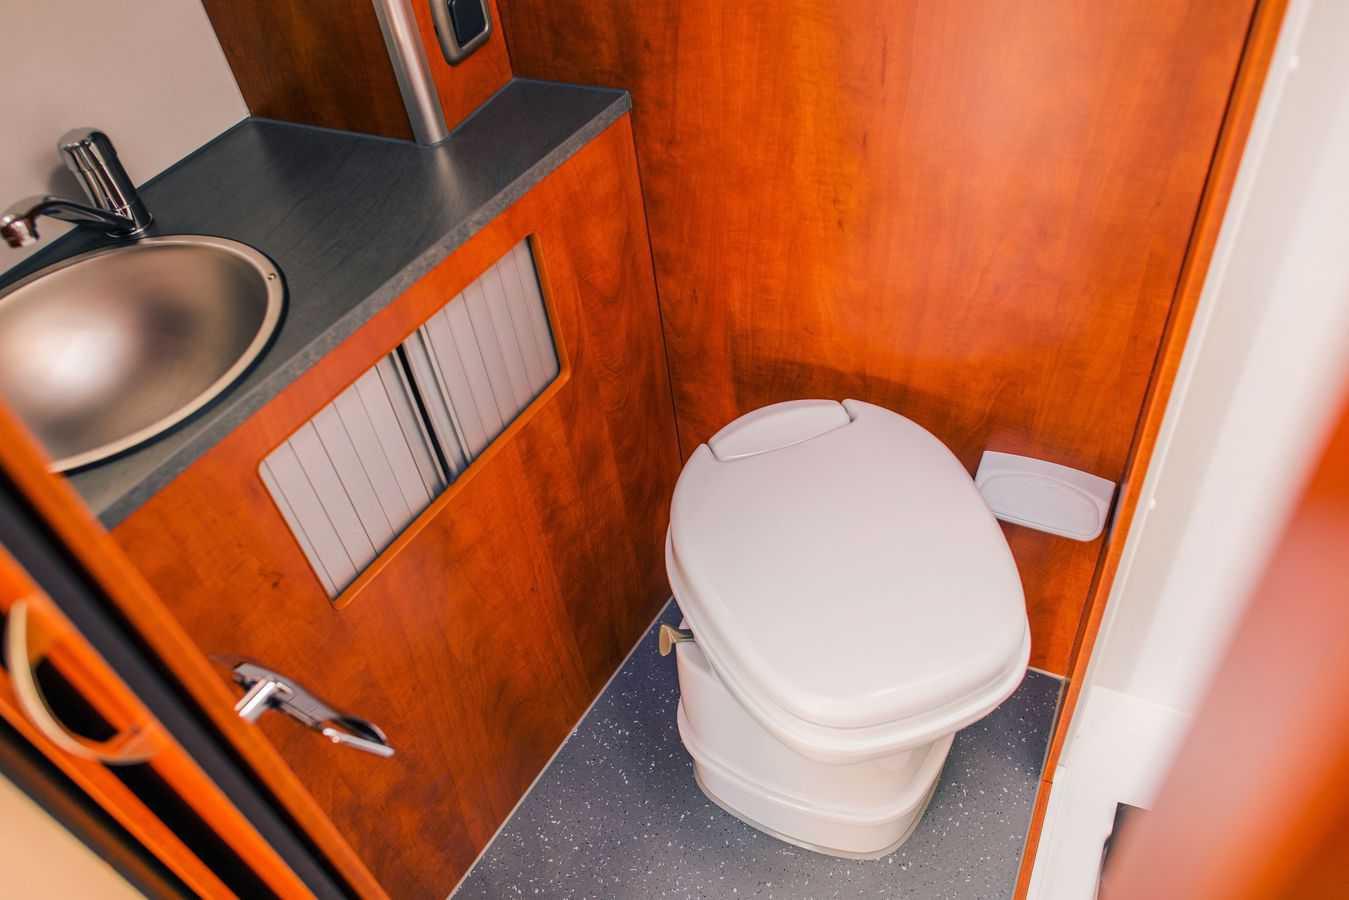 An Rv Bathroom While Driving